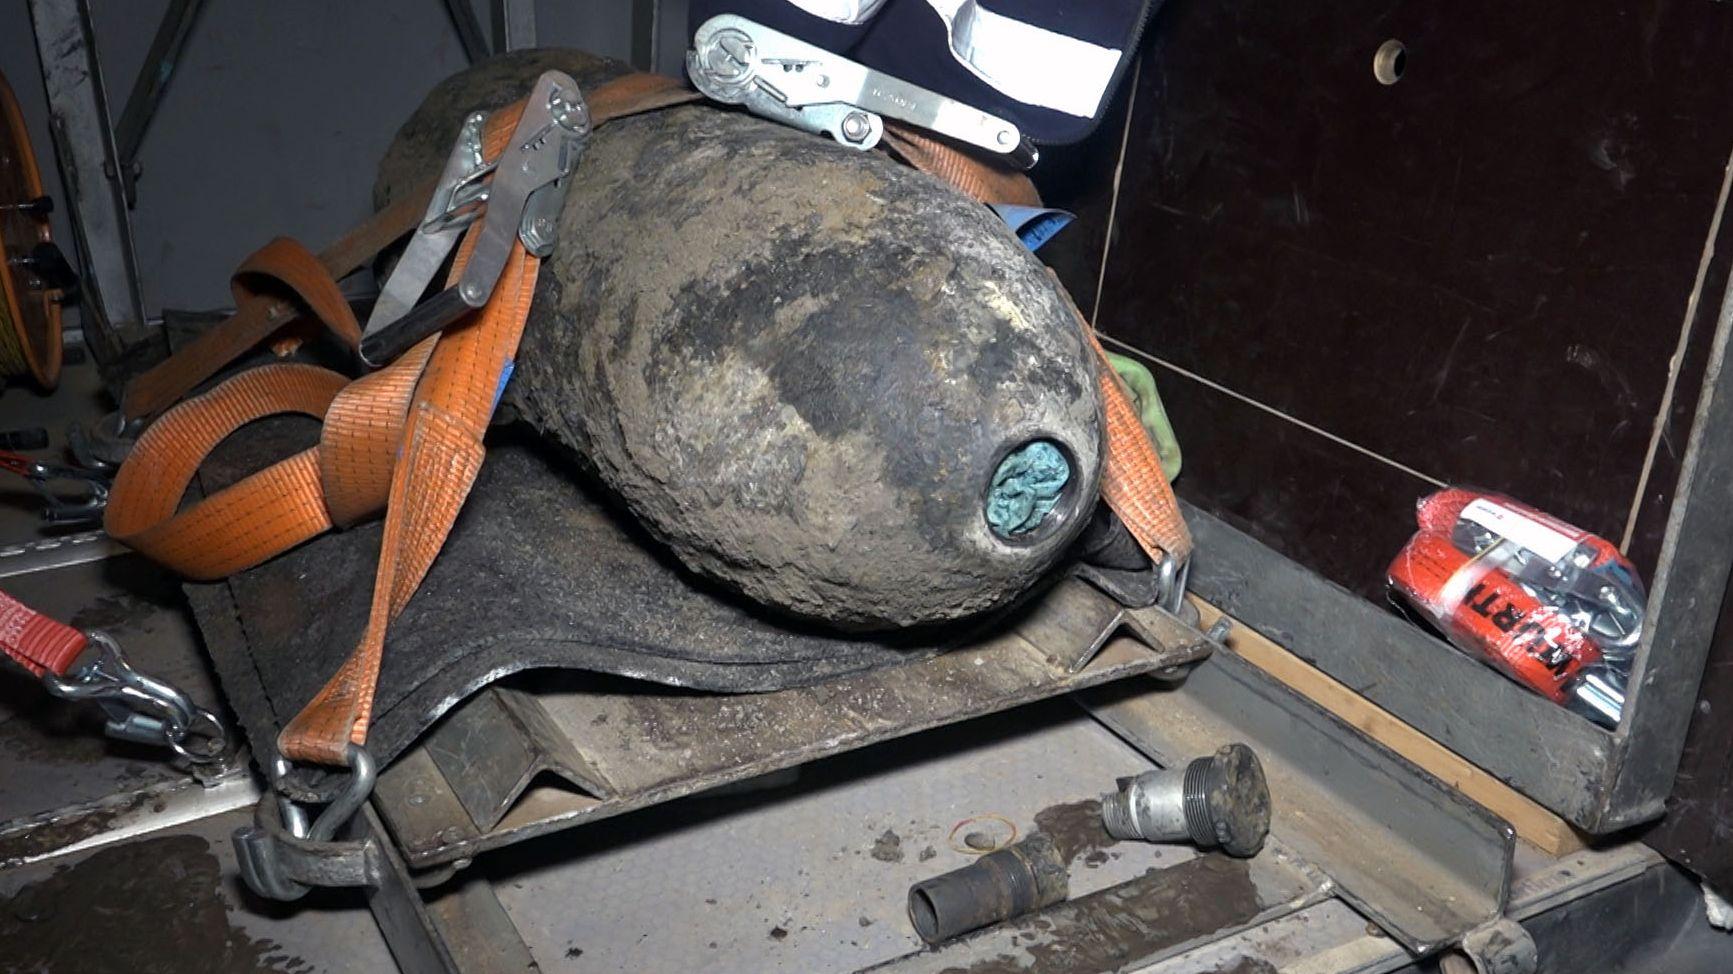 Diese 125 Kilo schwere Bombe ist bei Bauarbeiten am Regensburger Ölhafen entdeckt worden. Fünf Stunden später wurde sie erfolgreich entschärft.